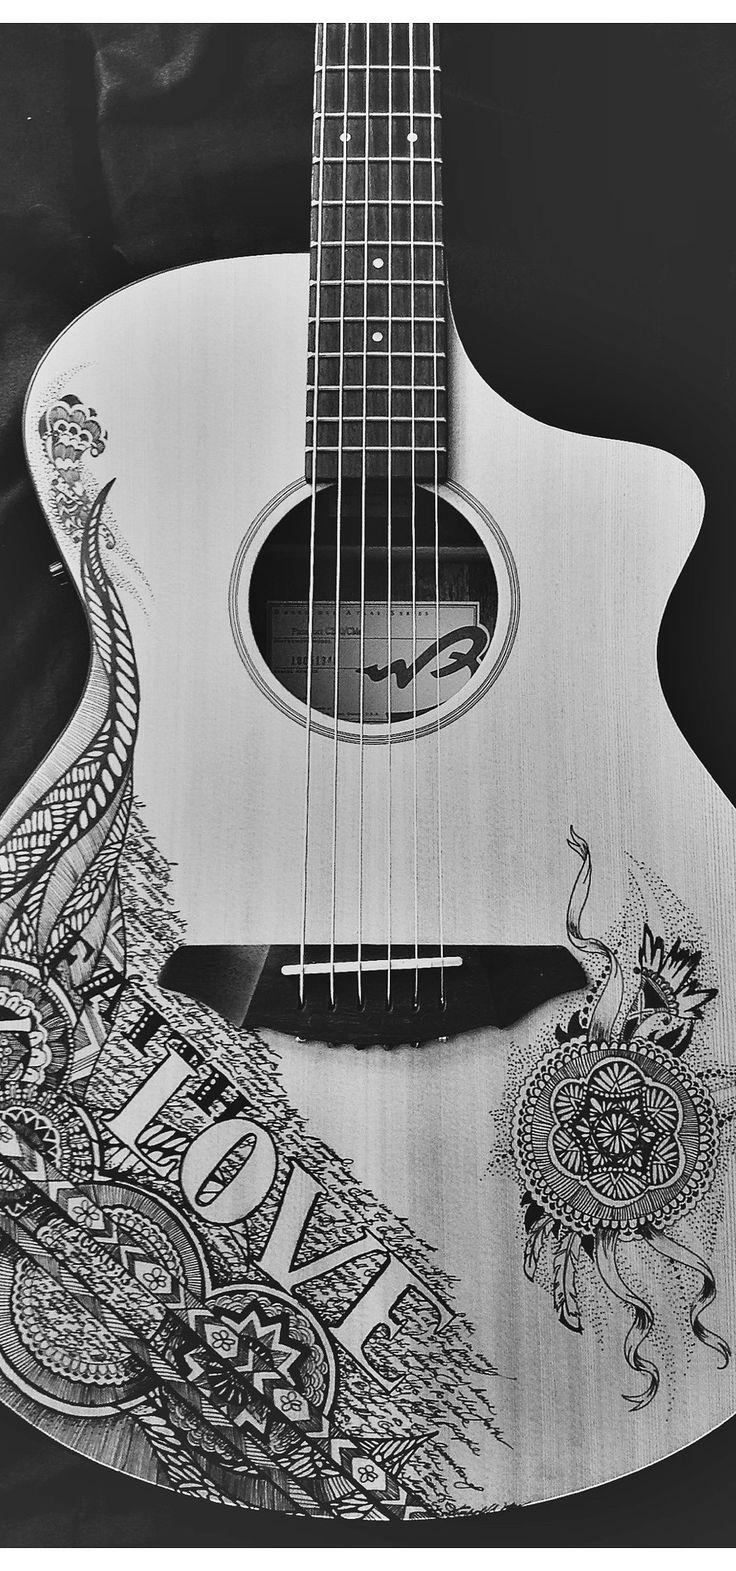 El Corazón del Hombre es un instrumento musical, contiene una música grandiosa. Dormida, pero está allí, esperando el momento apropiado para ser interpretada, expresada, cantada, danzada. Y es a través del Amor que el momento llega... ॐ  Rumi